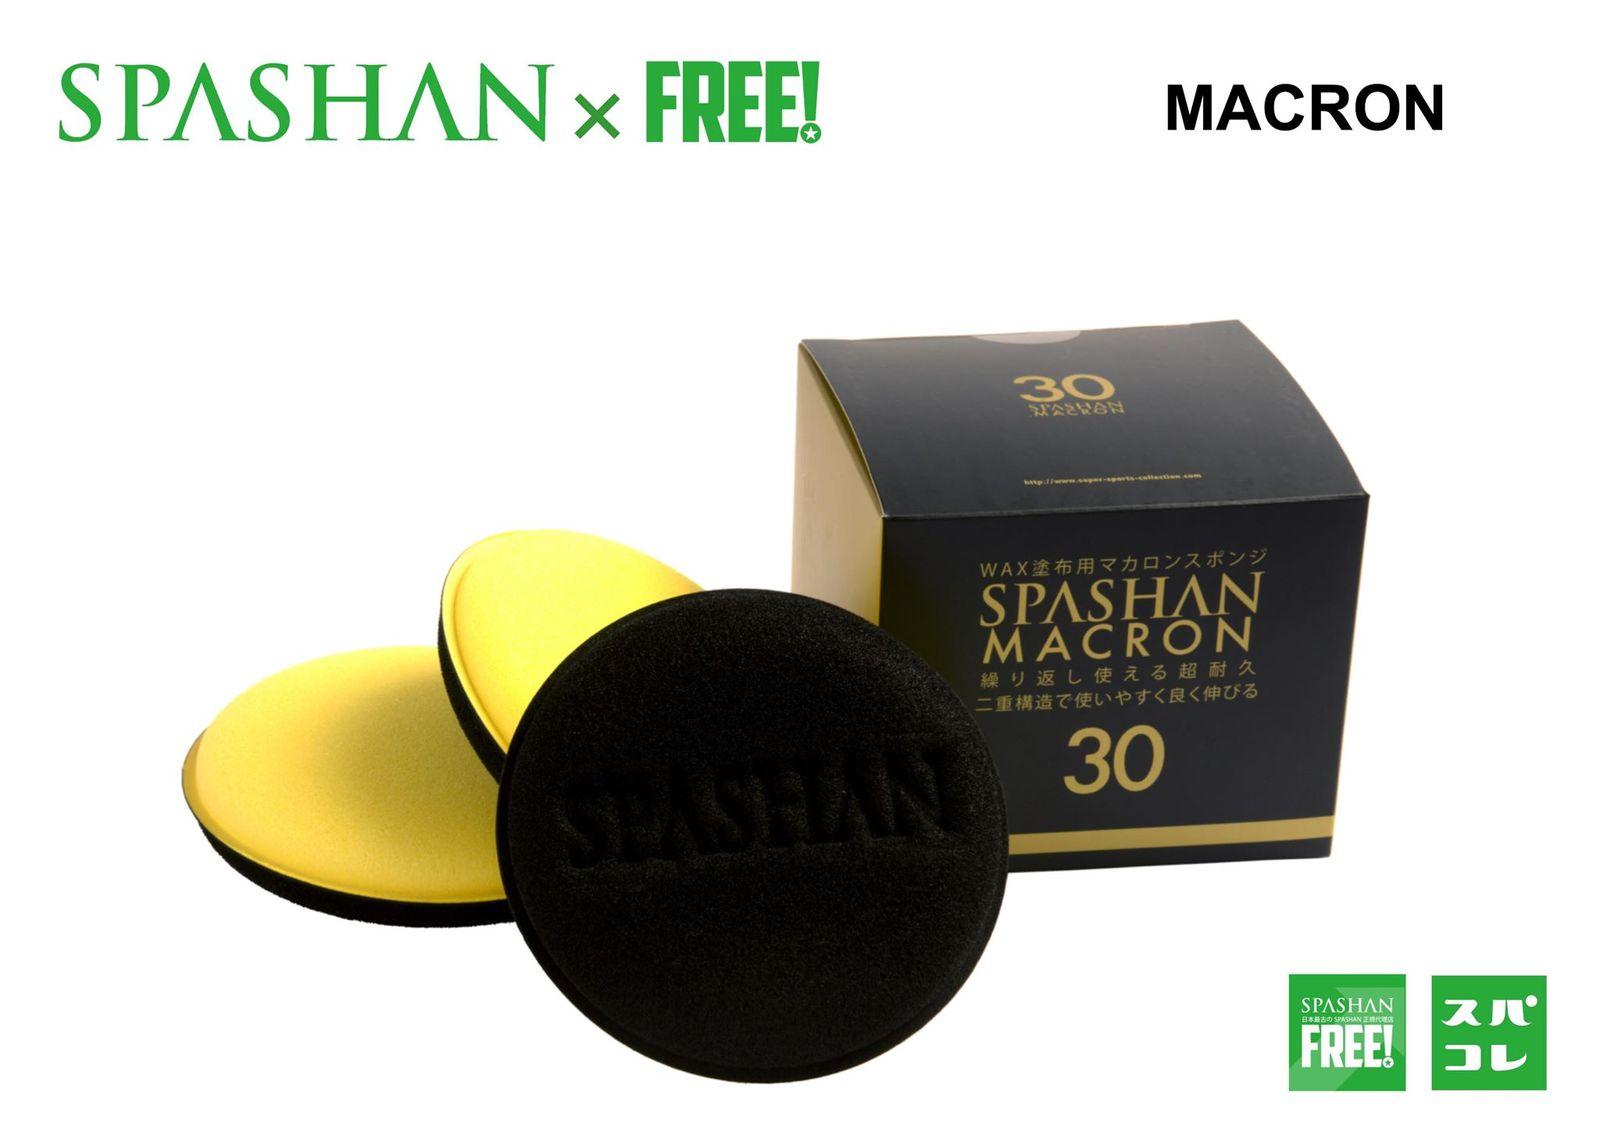 スパシャン マカロン 究極のきめ細やかなスポンジでWAXやカミカゼなどの塗布に SPASHAN 洗車 カーケア コーティング剤 スポンジ